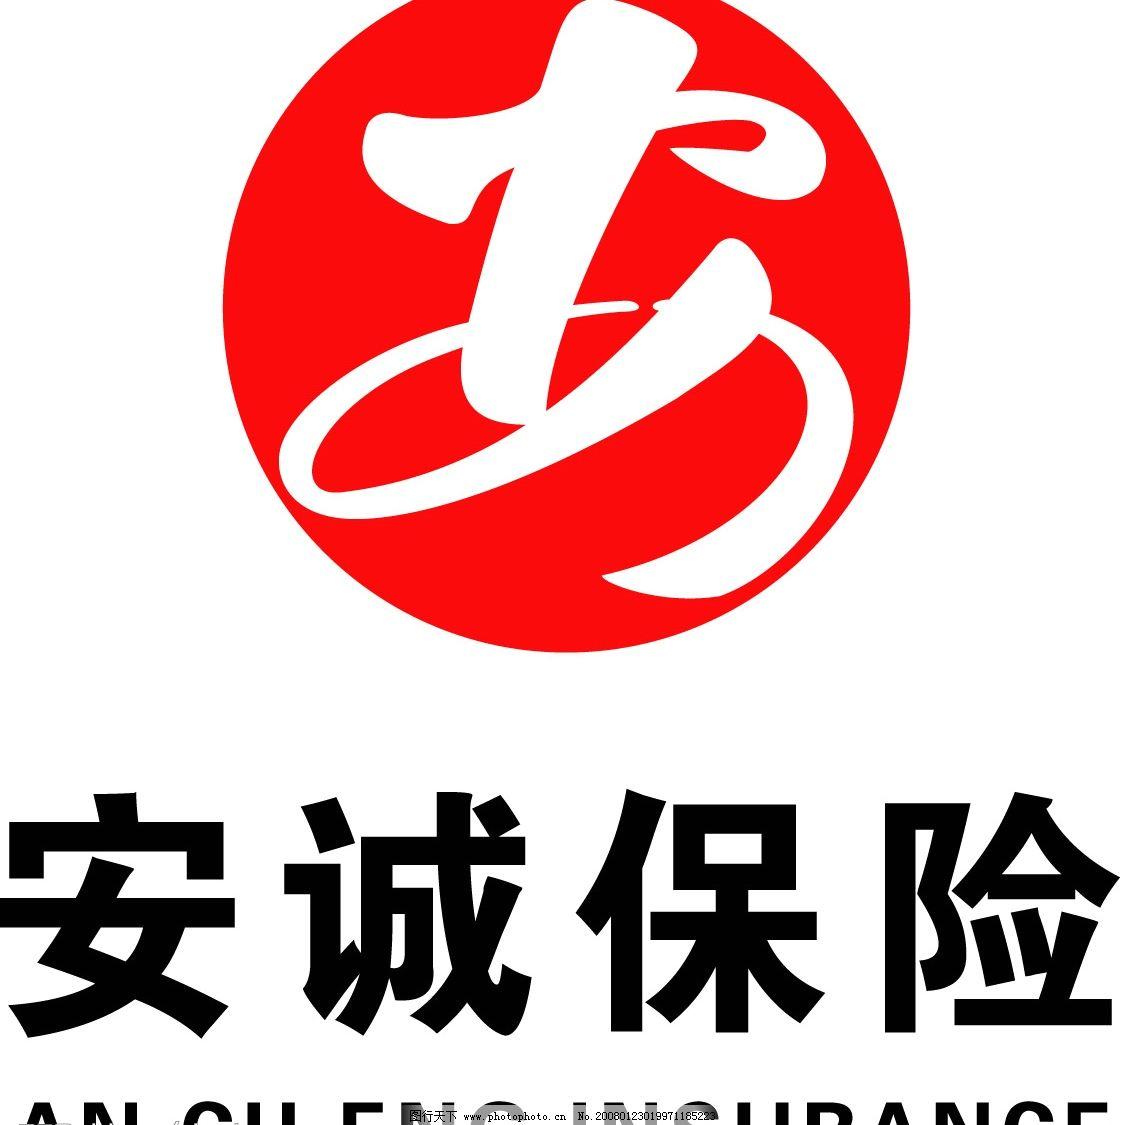 安诚保险标志 安诚 安诚保险 标识标志图标 企业logo标志 矢量图库